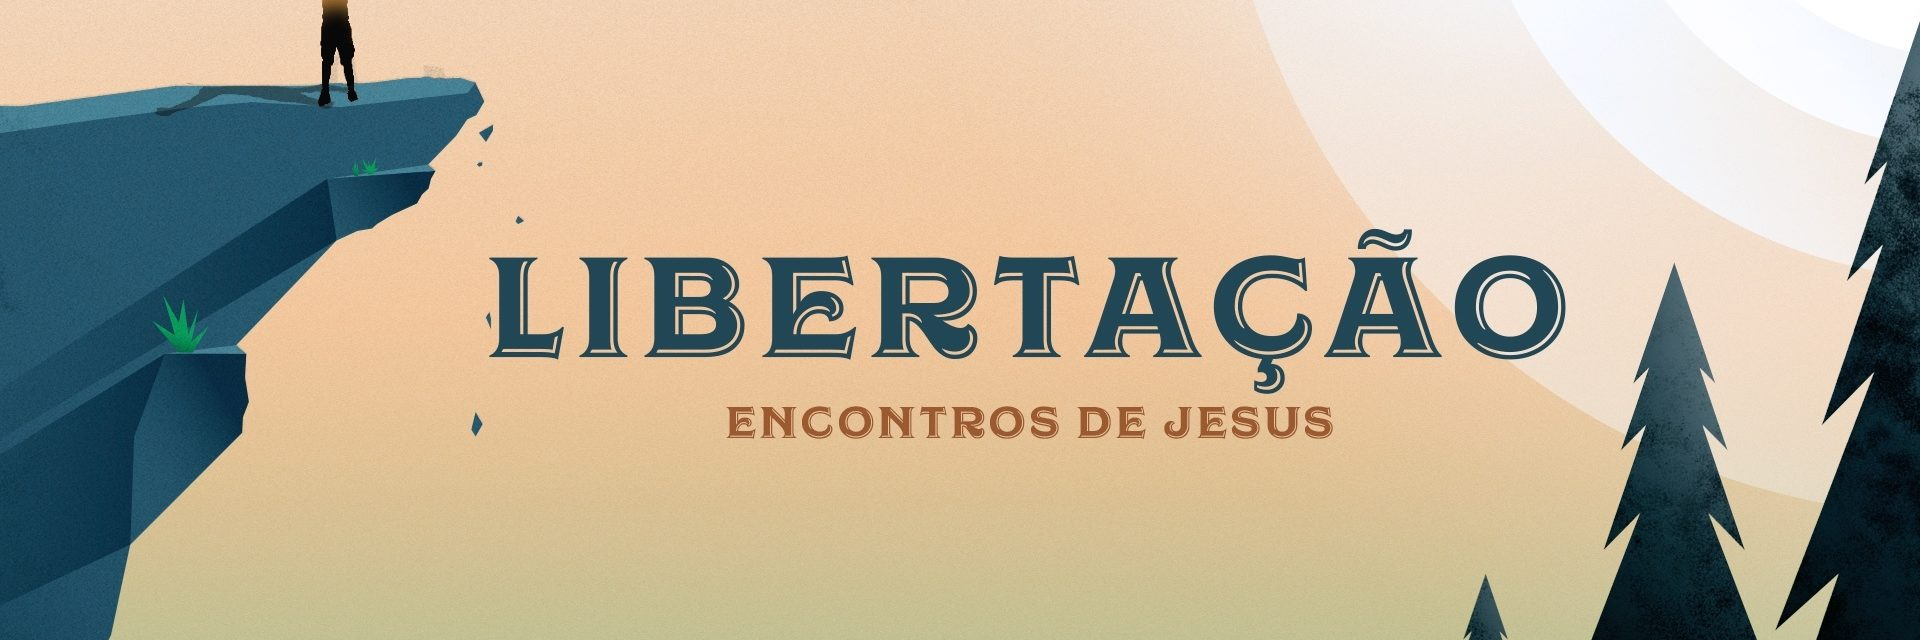 Os Encontros de Jesus - Parte 6